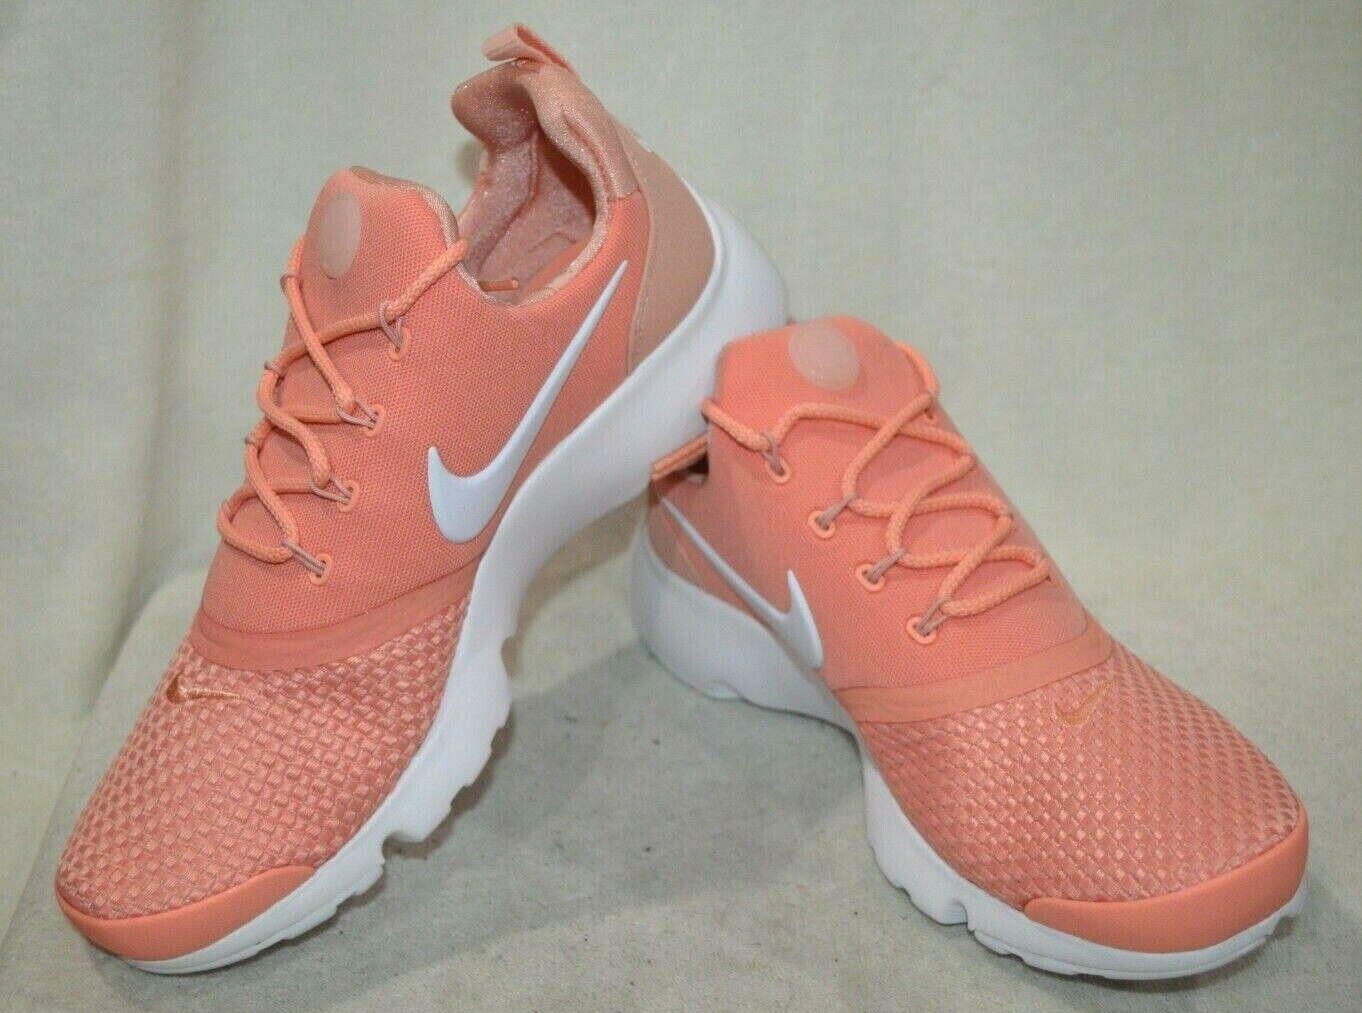 Nike Presto Fly se Crimson Bliss WHT Femmes Baskets-Asst Tailles Neuf Avec Boîte 910570-603